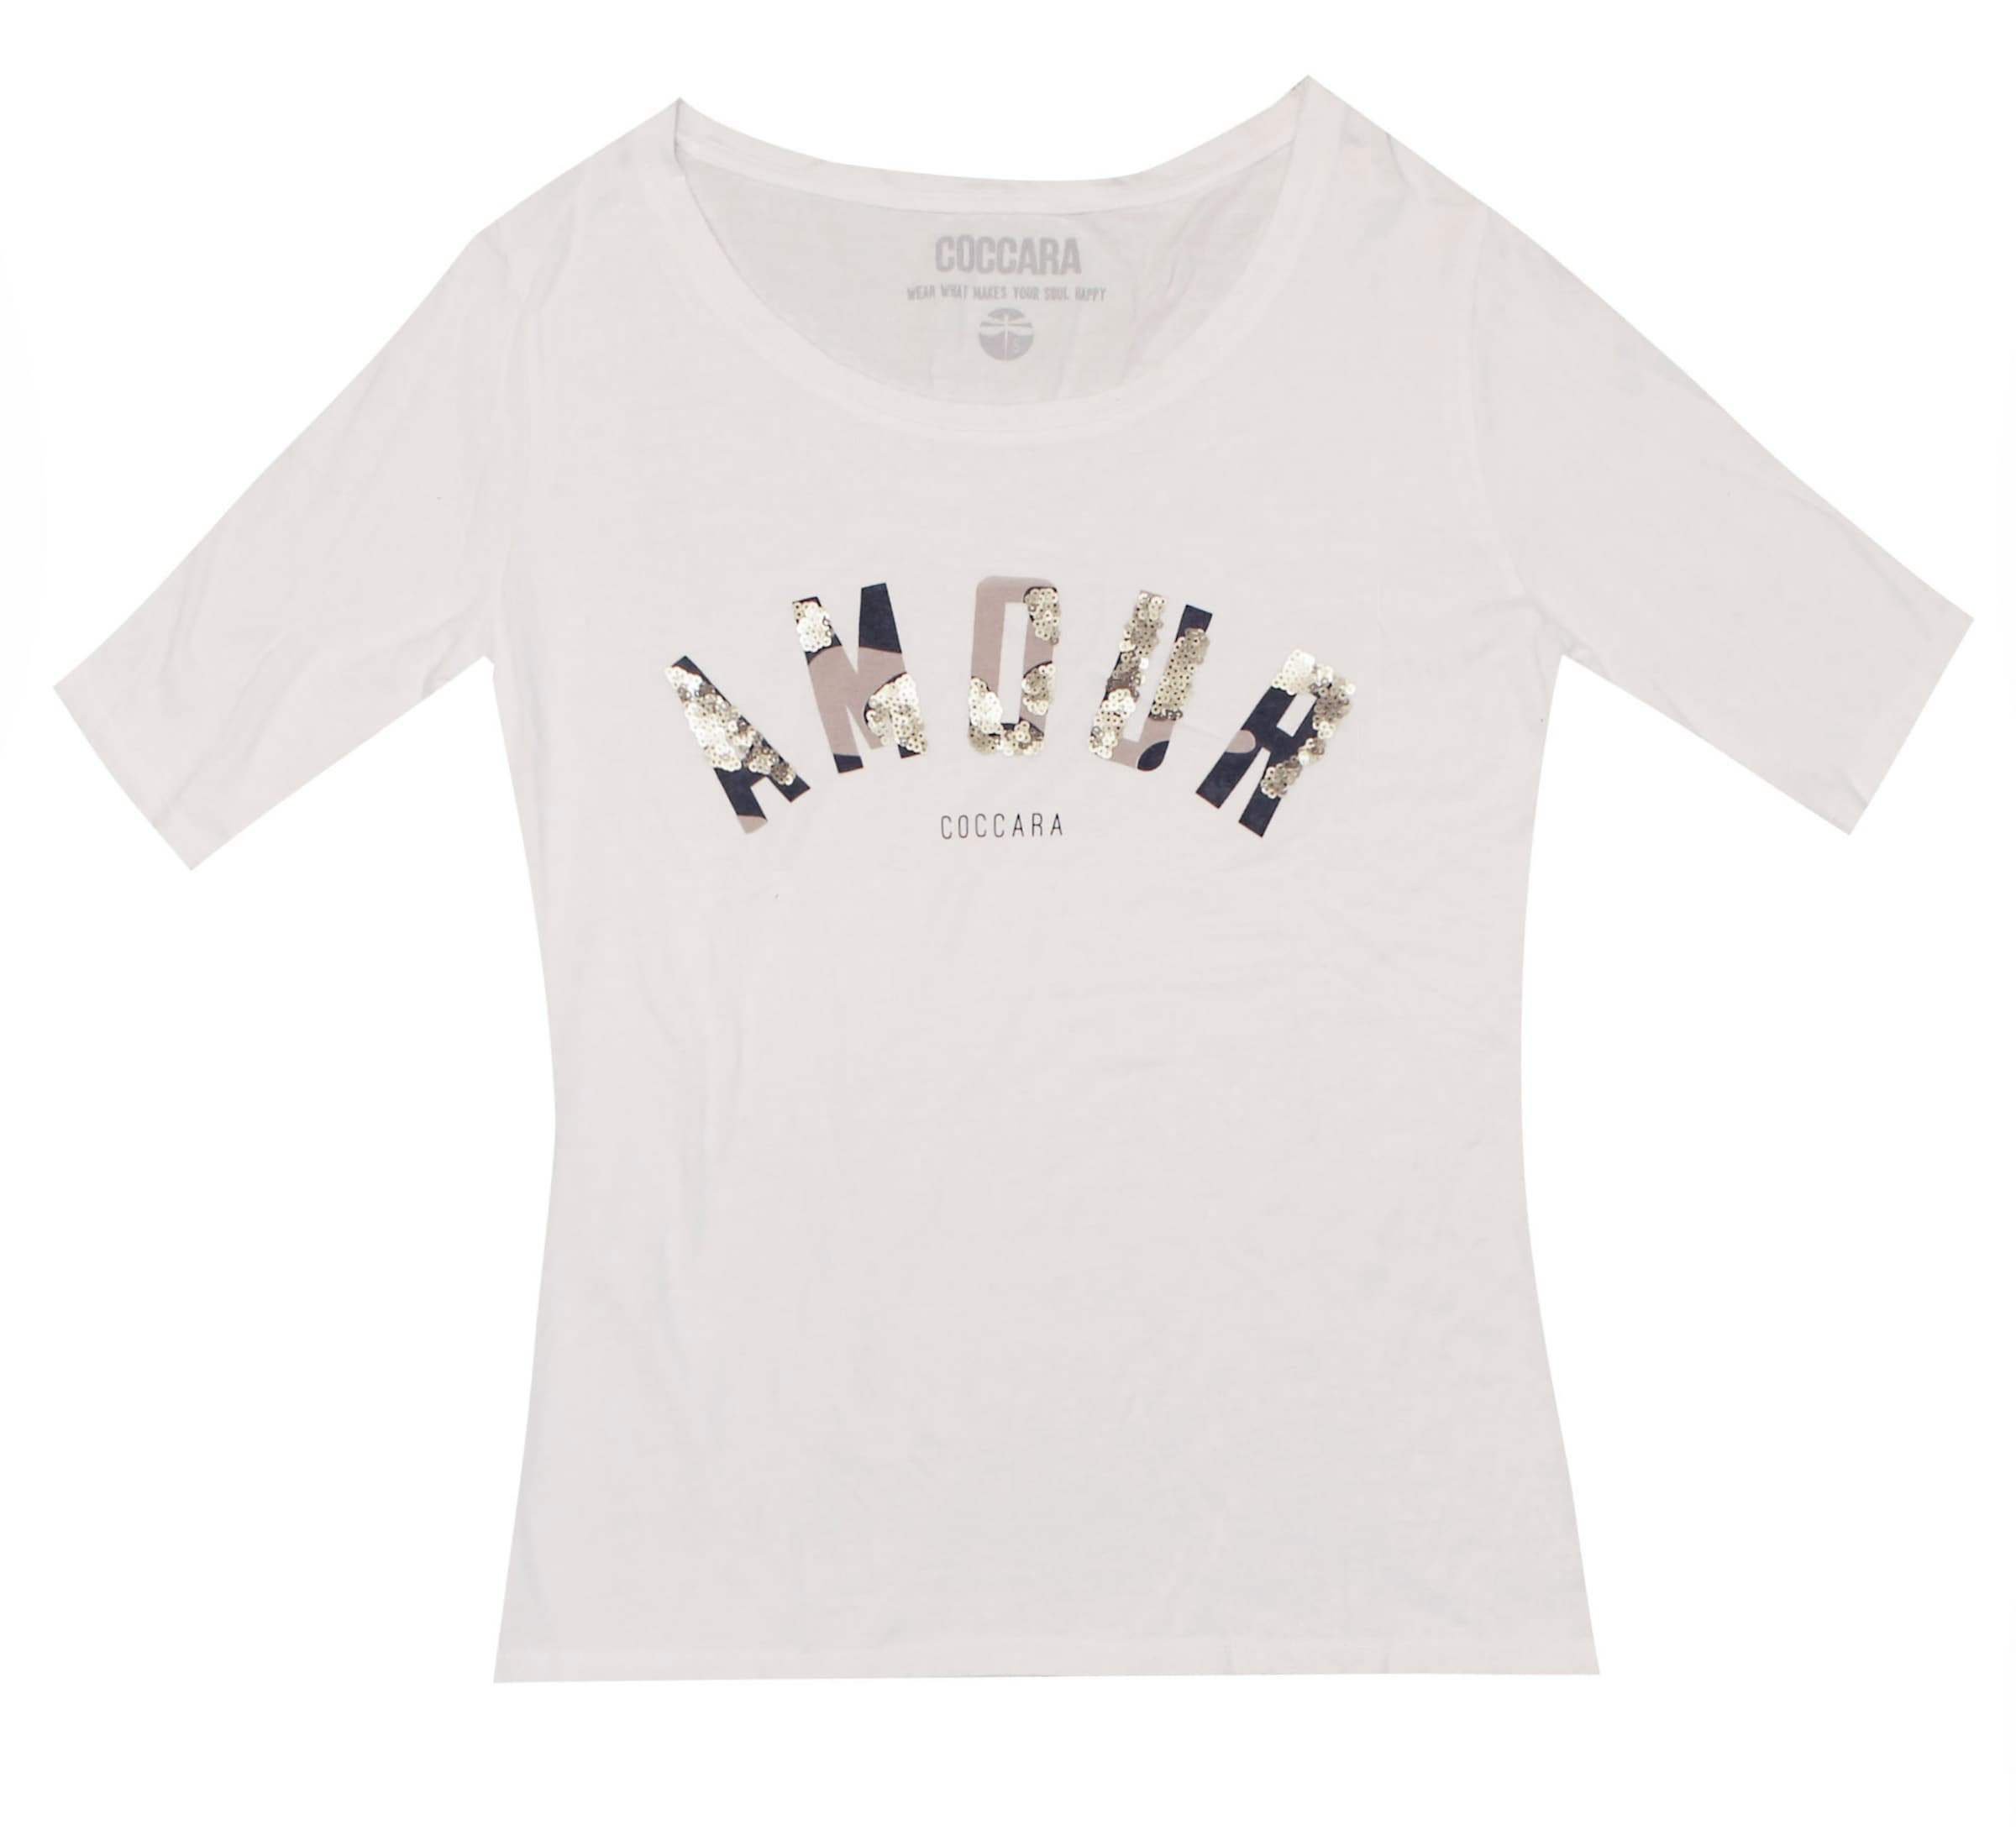 T shirt 'madison' Weiß In Coccara TaupeSchwarz uT1cFKJl3